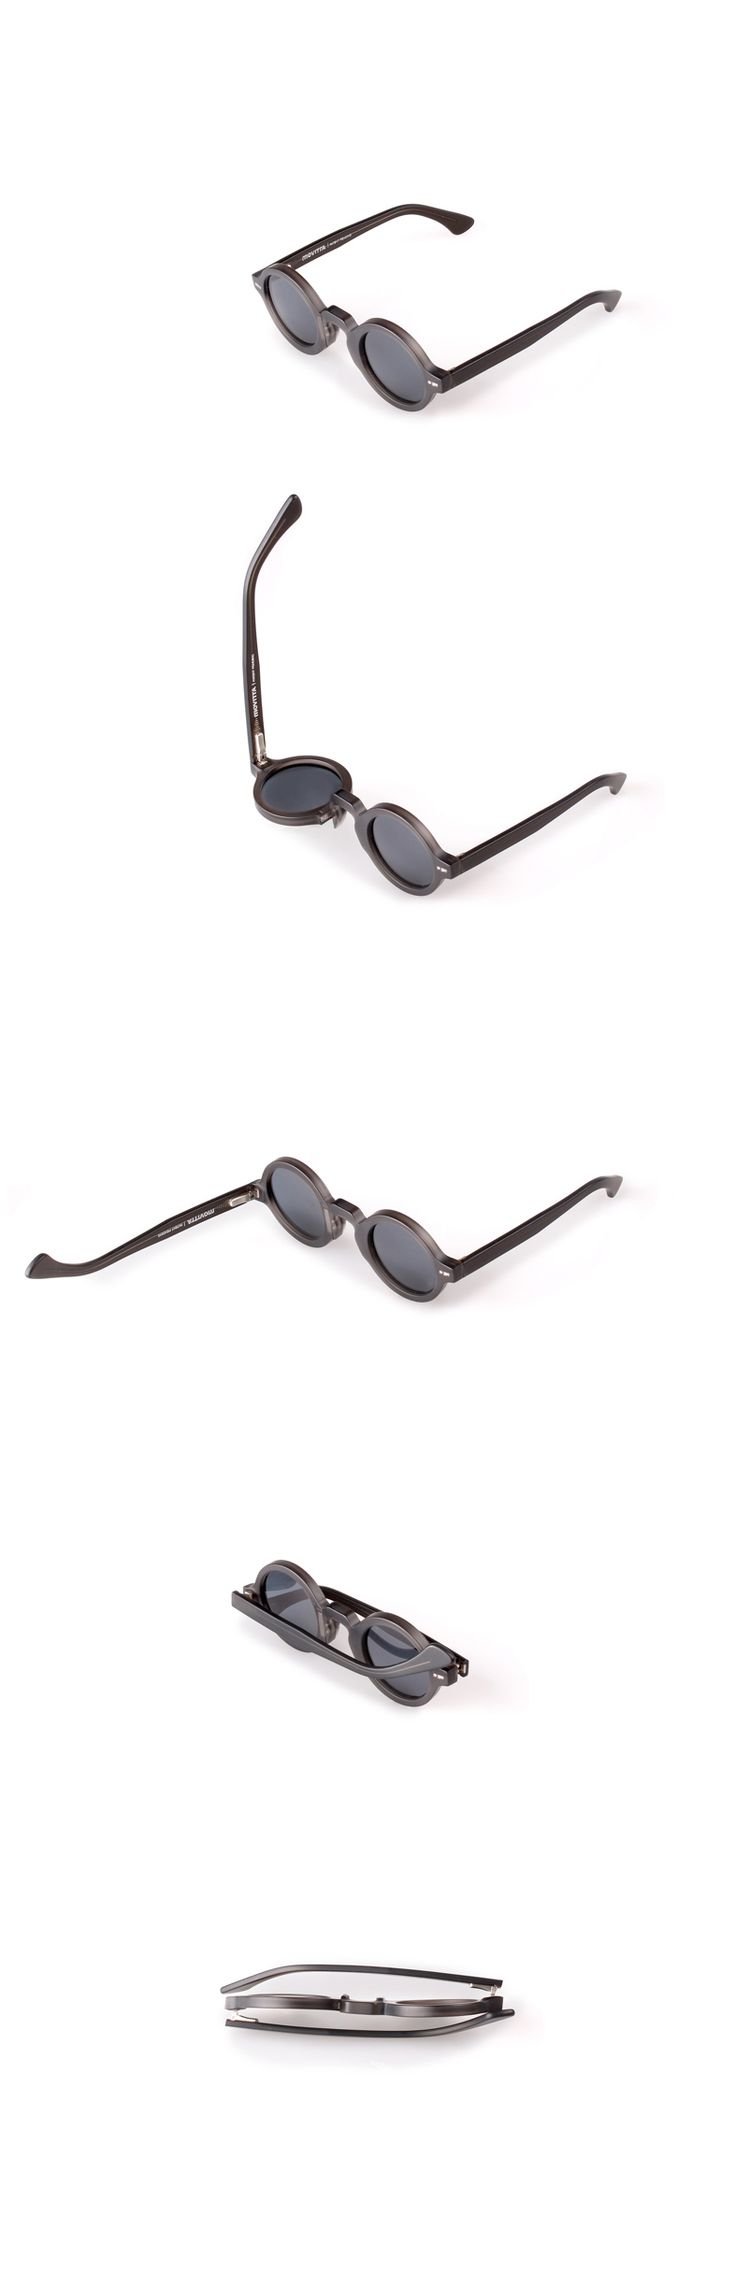 Movitra 215 - Cristallo nero con lente blu #sunglasses #movitra #movitraspectacles #spectacles #glasses #eyewear